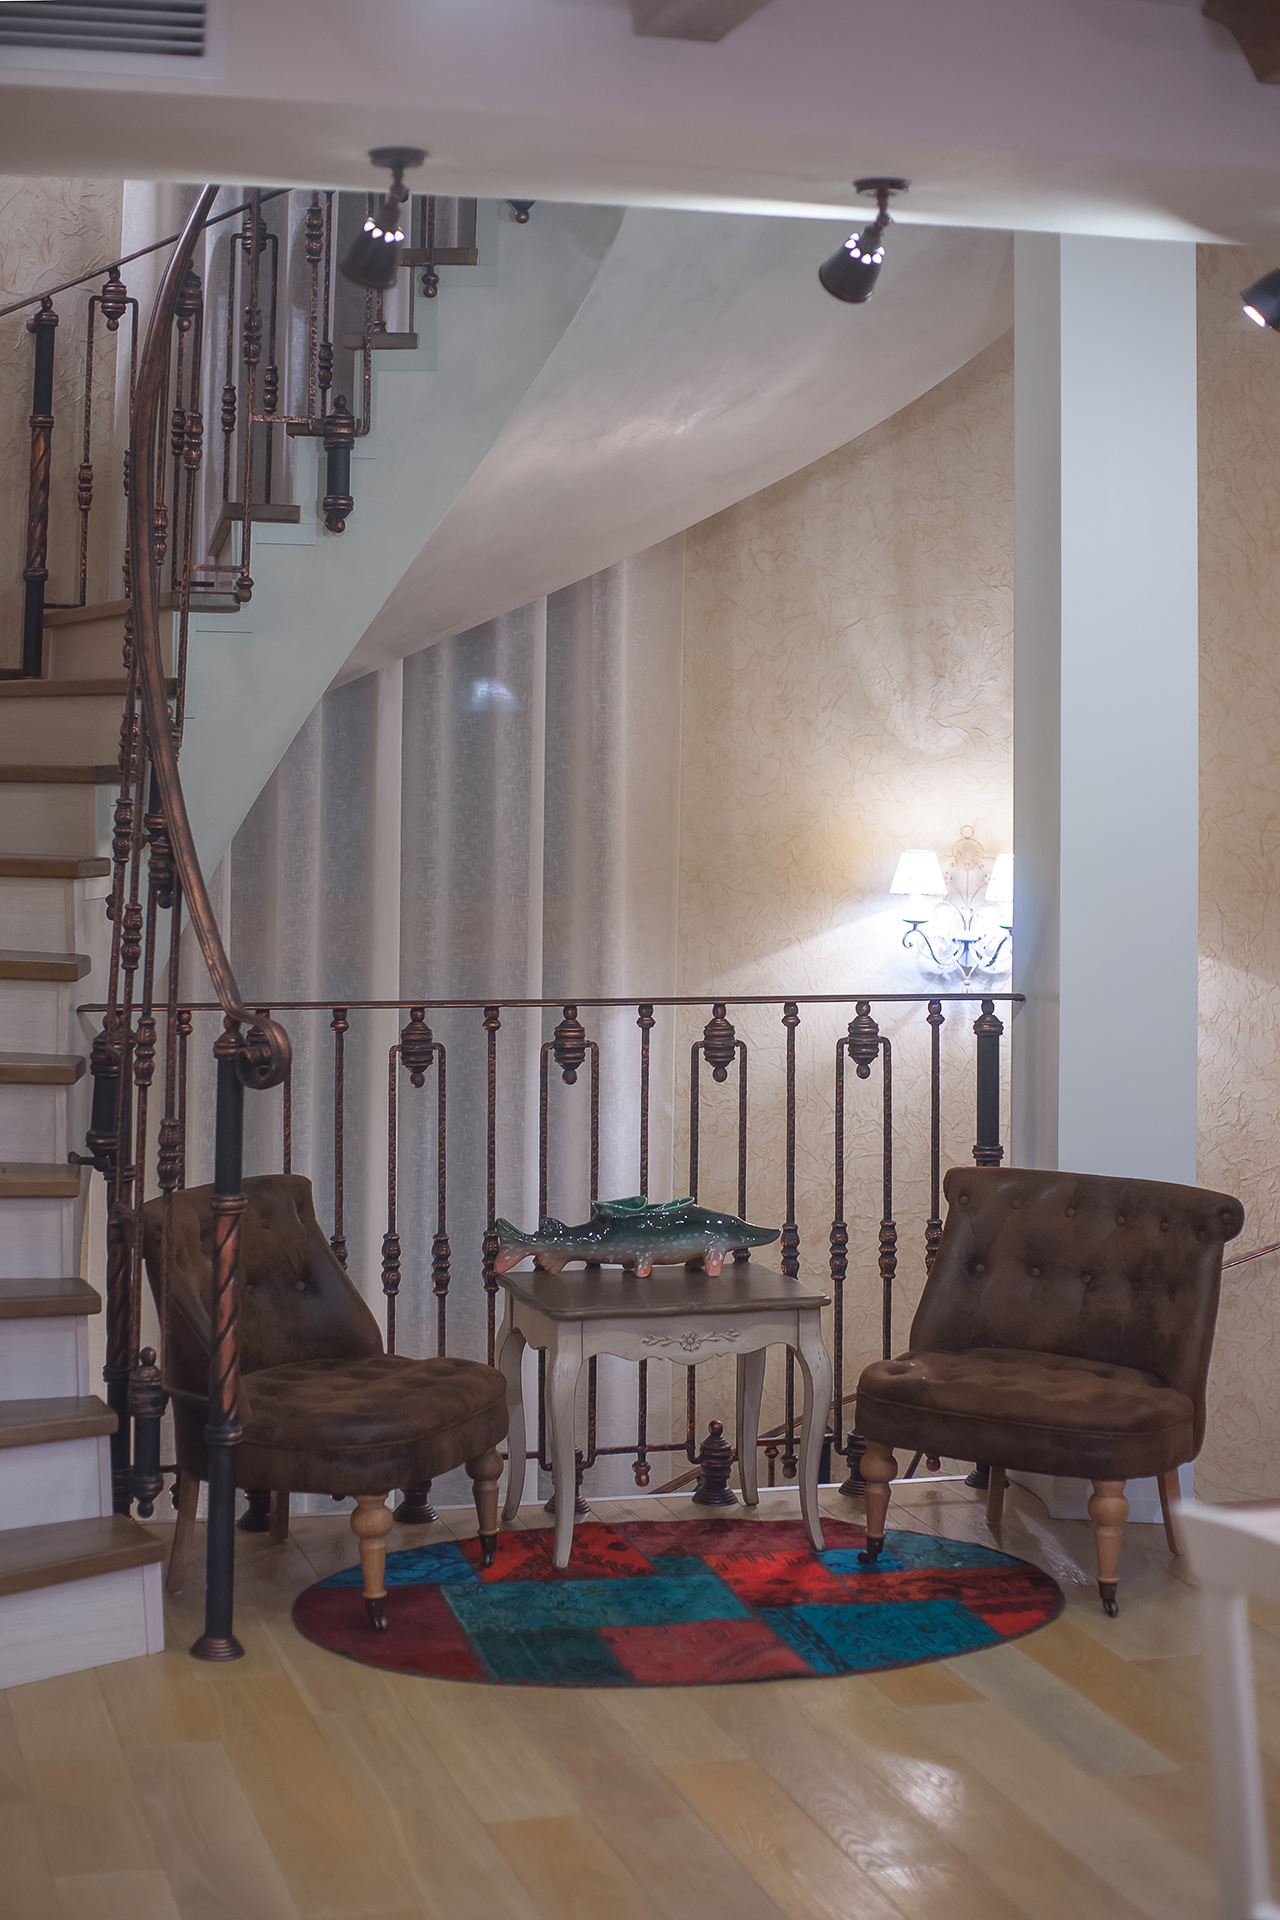 интересный дом. фотосъемка интерьера гостиной комнаты